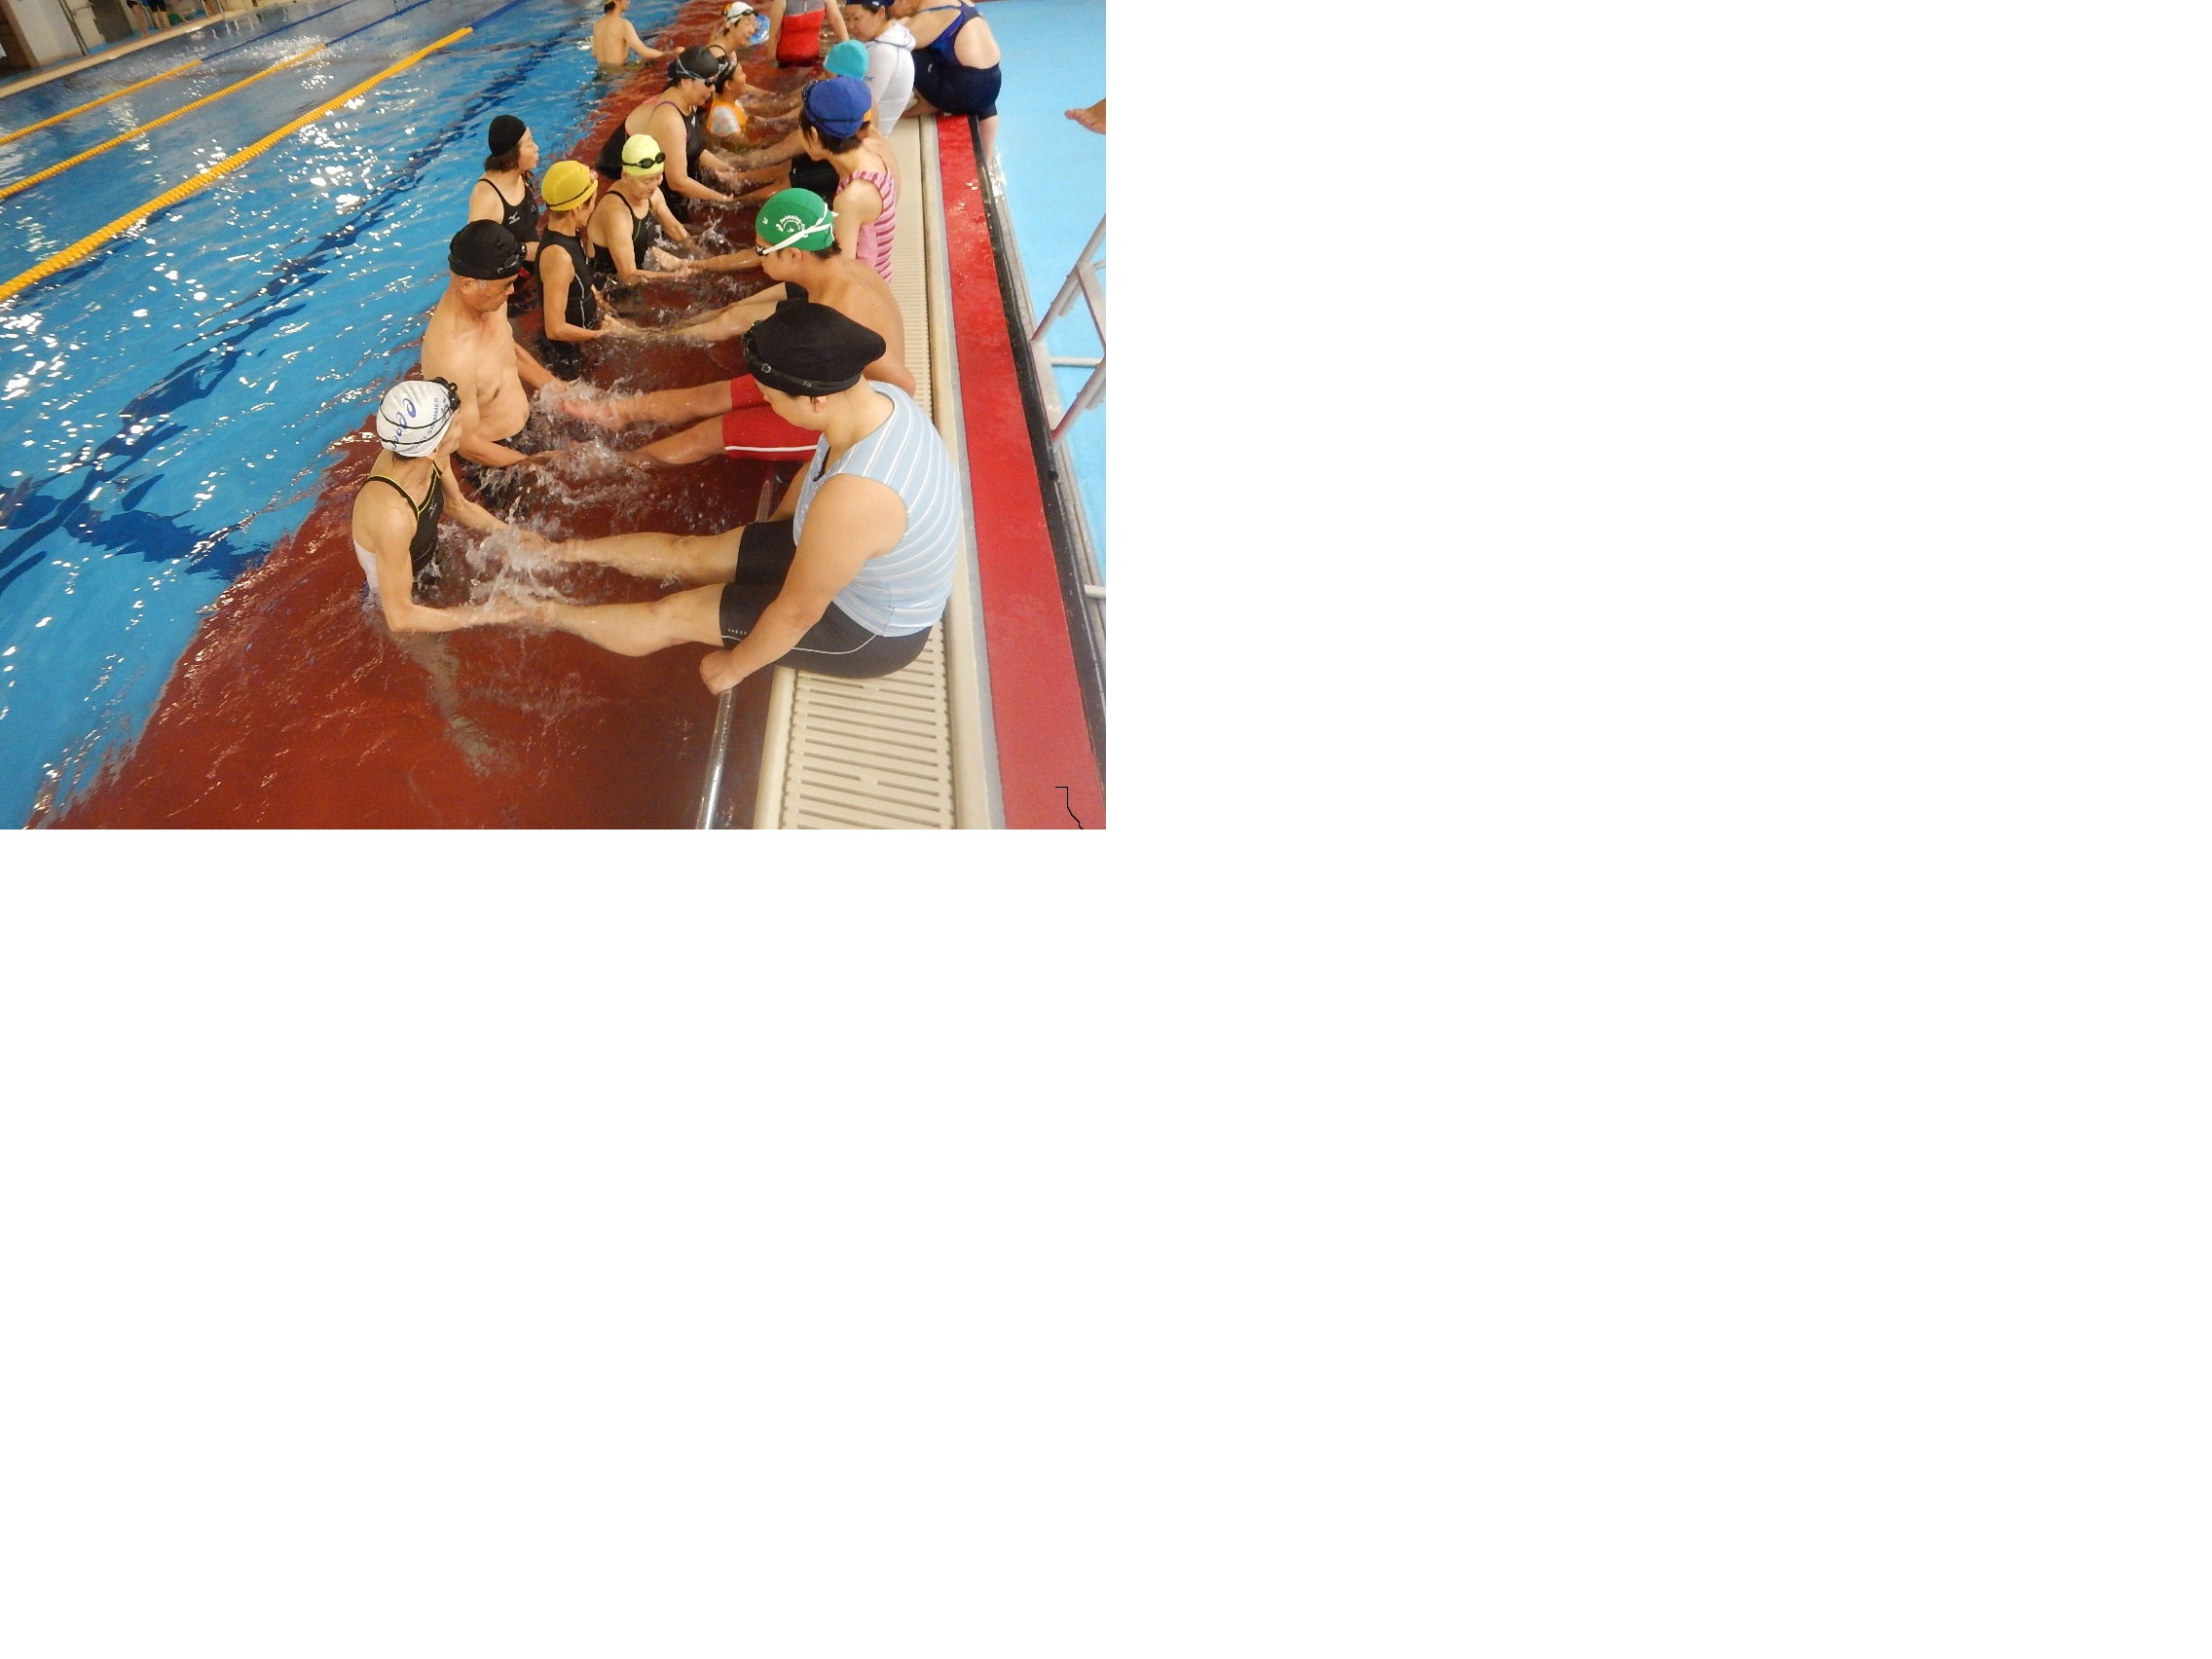 DSCN0781 - 夏休み親子水泳教室を開催しました